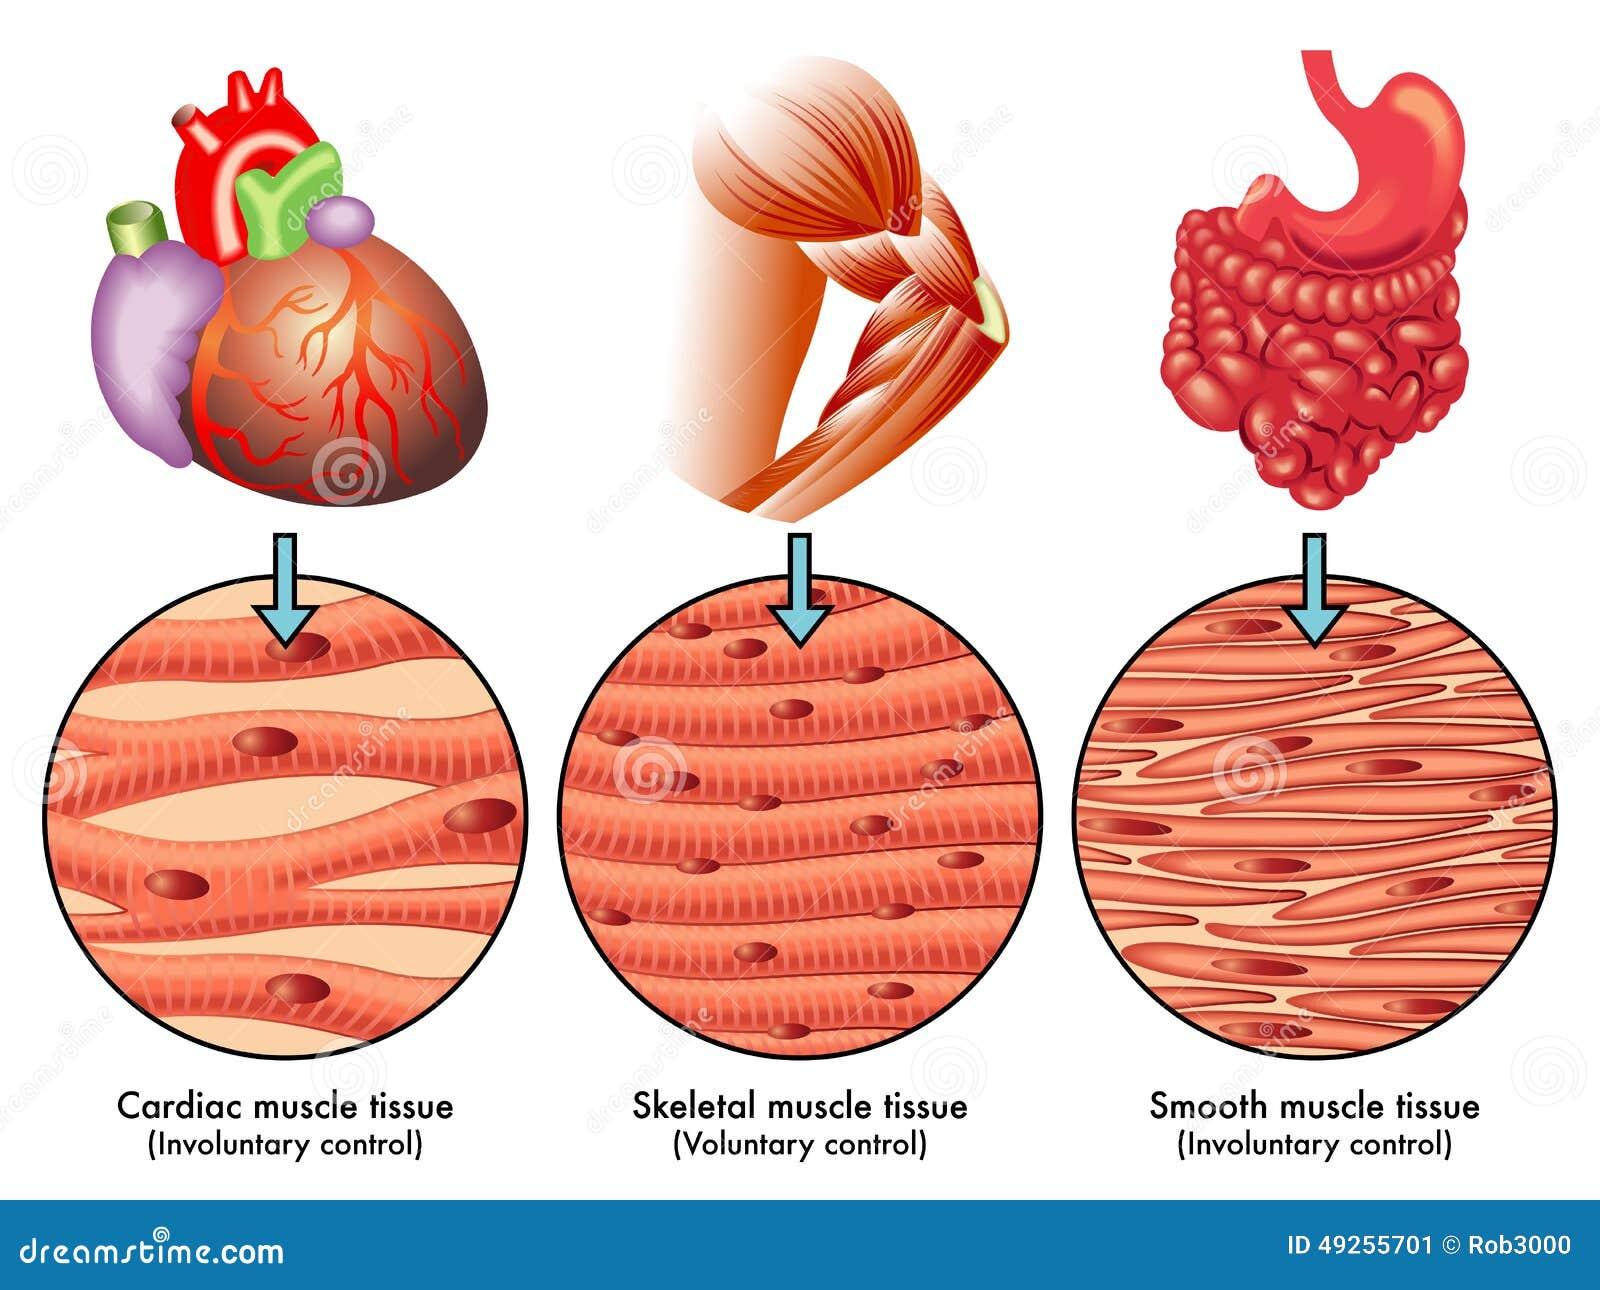 Muskel-Gewebe stockbild. Bild von aktivität, herz, gestreift - 49255701